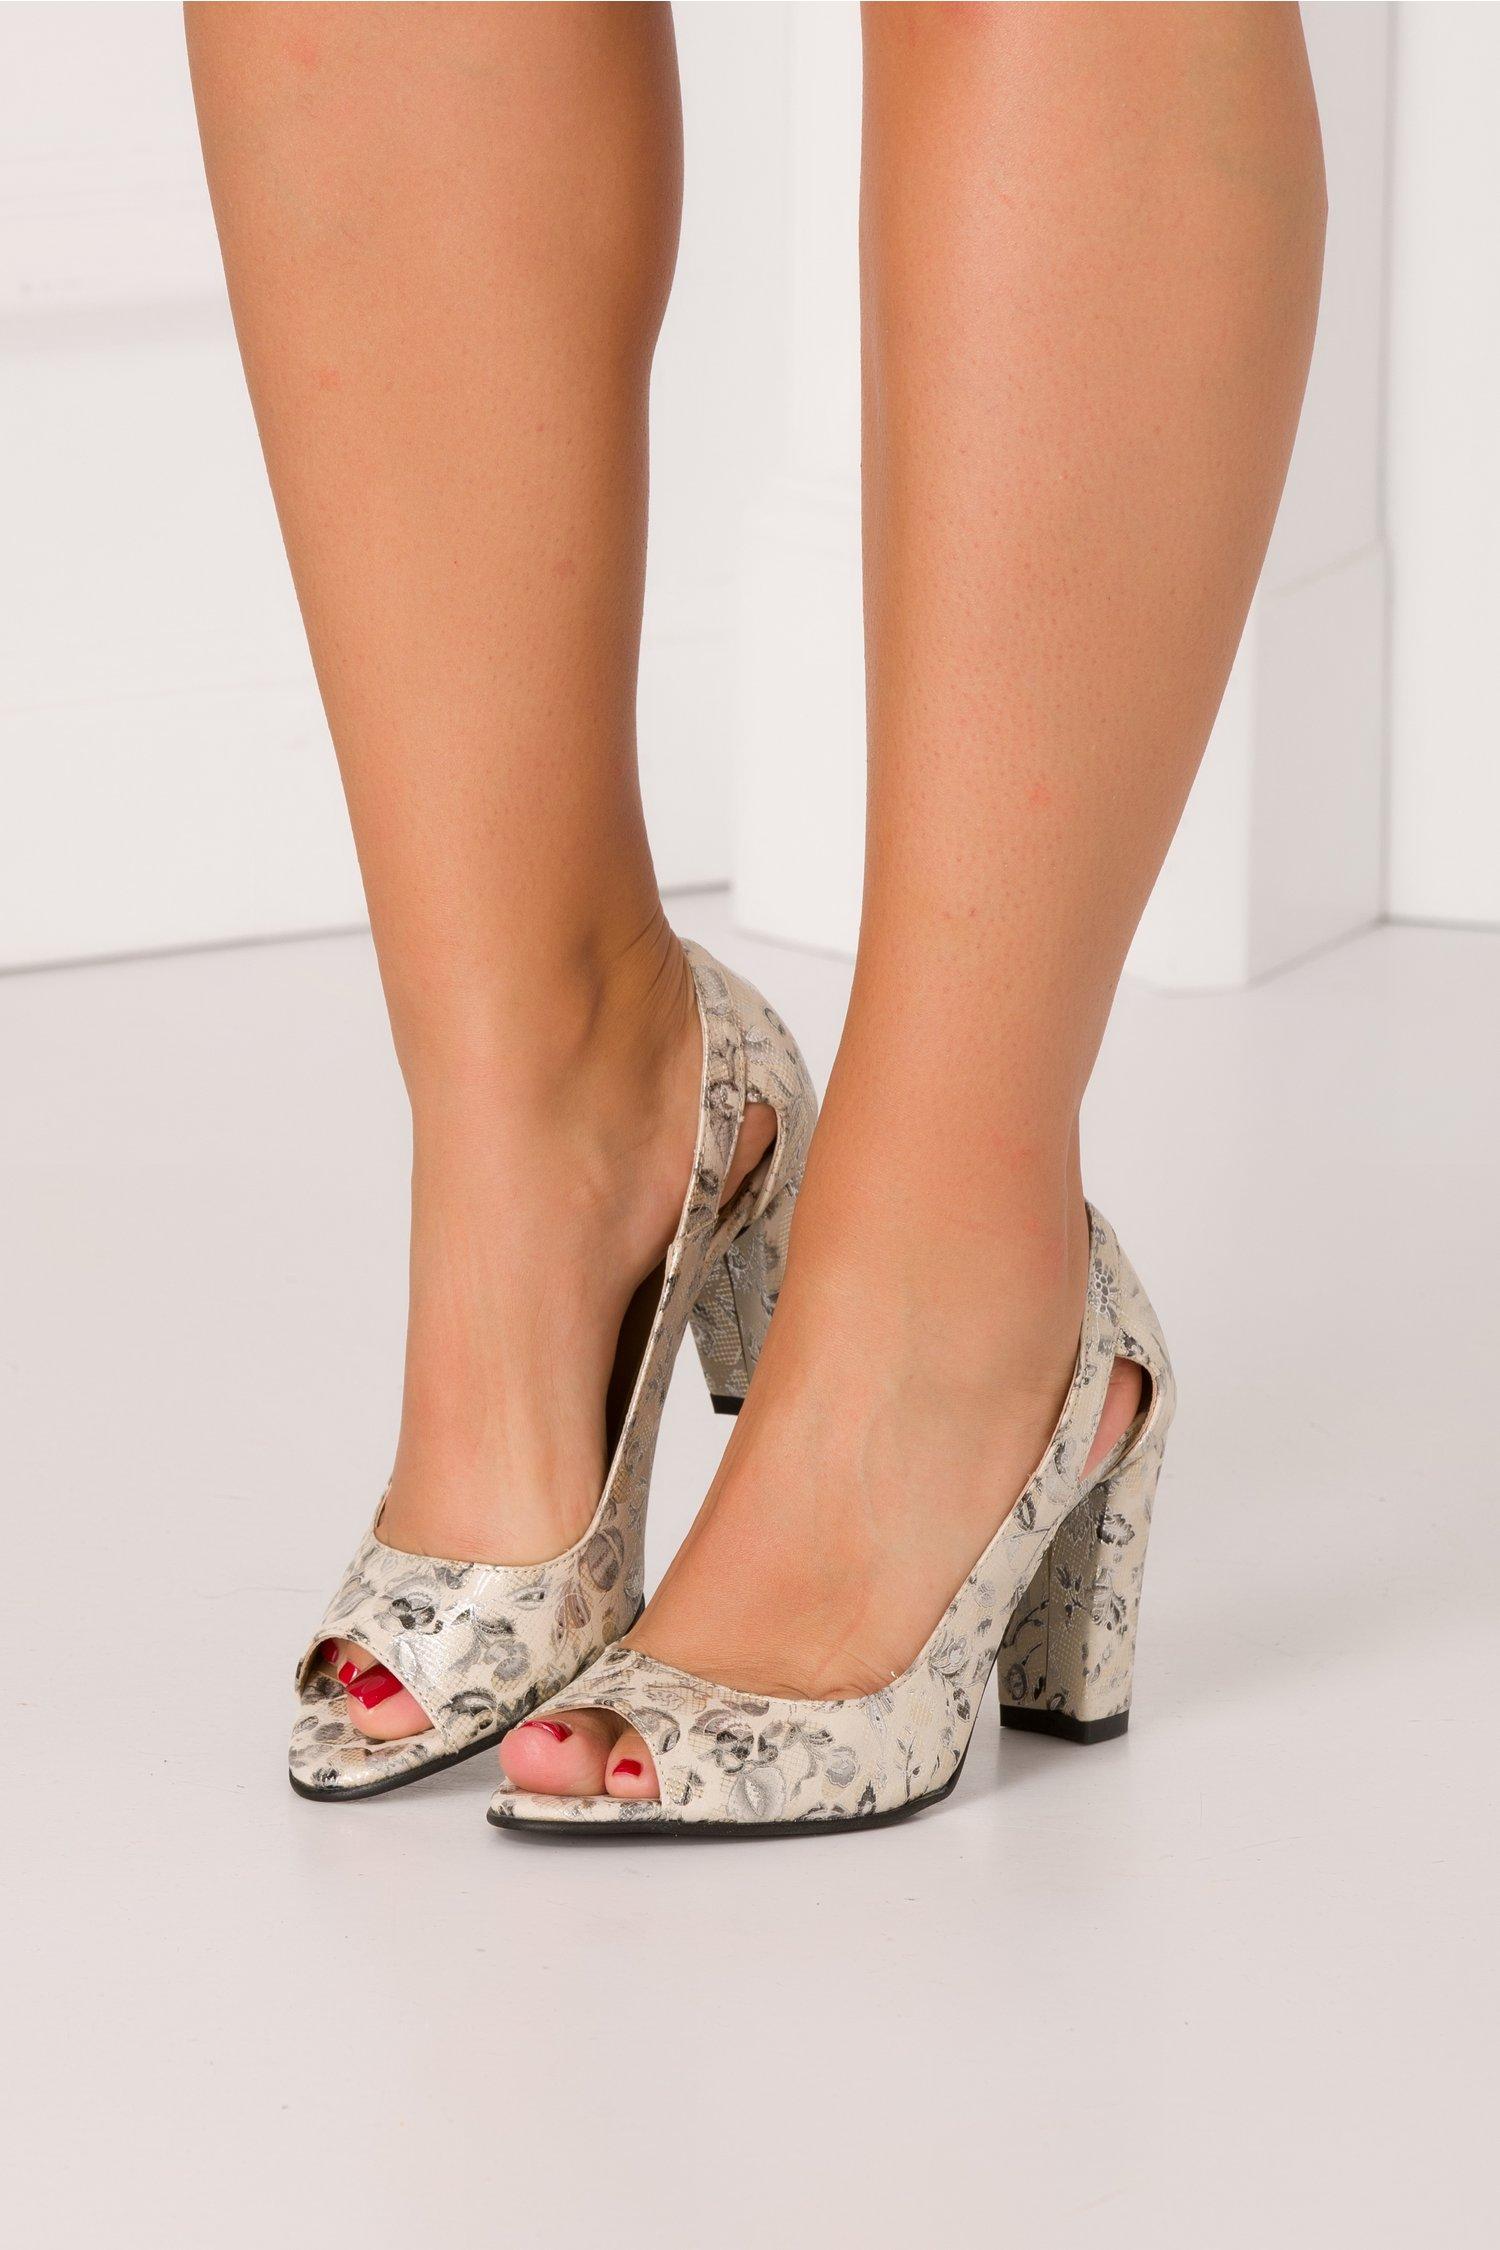 Pantofi bej cu insertii florale argintii